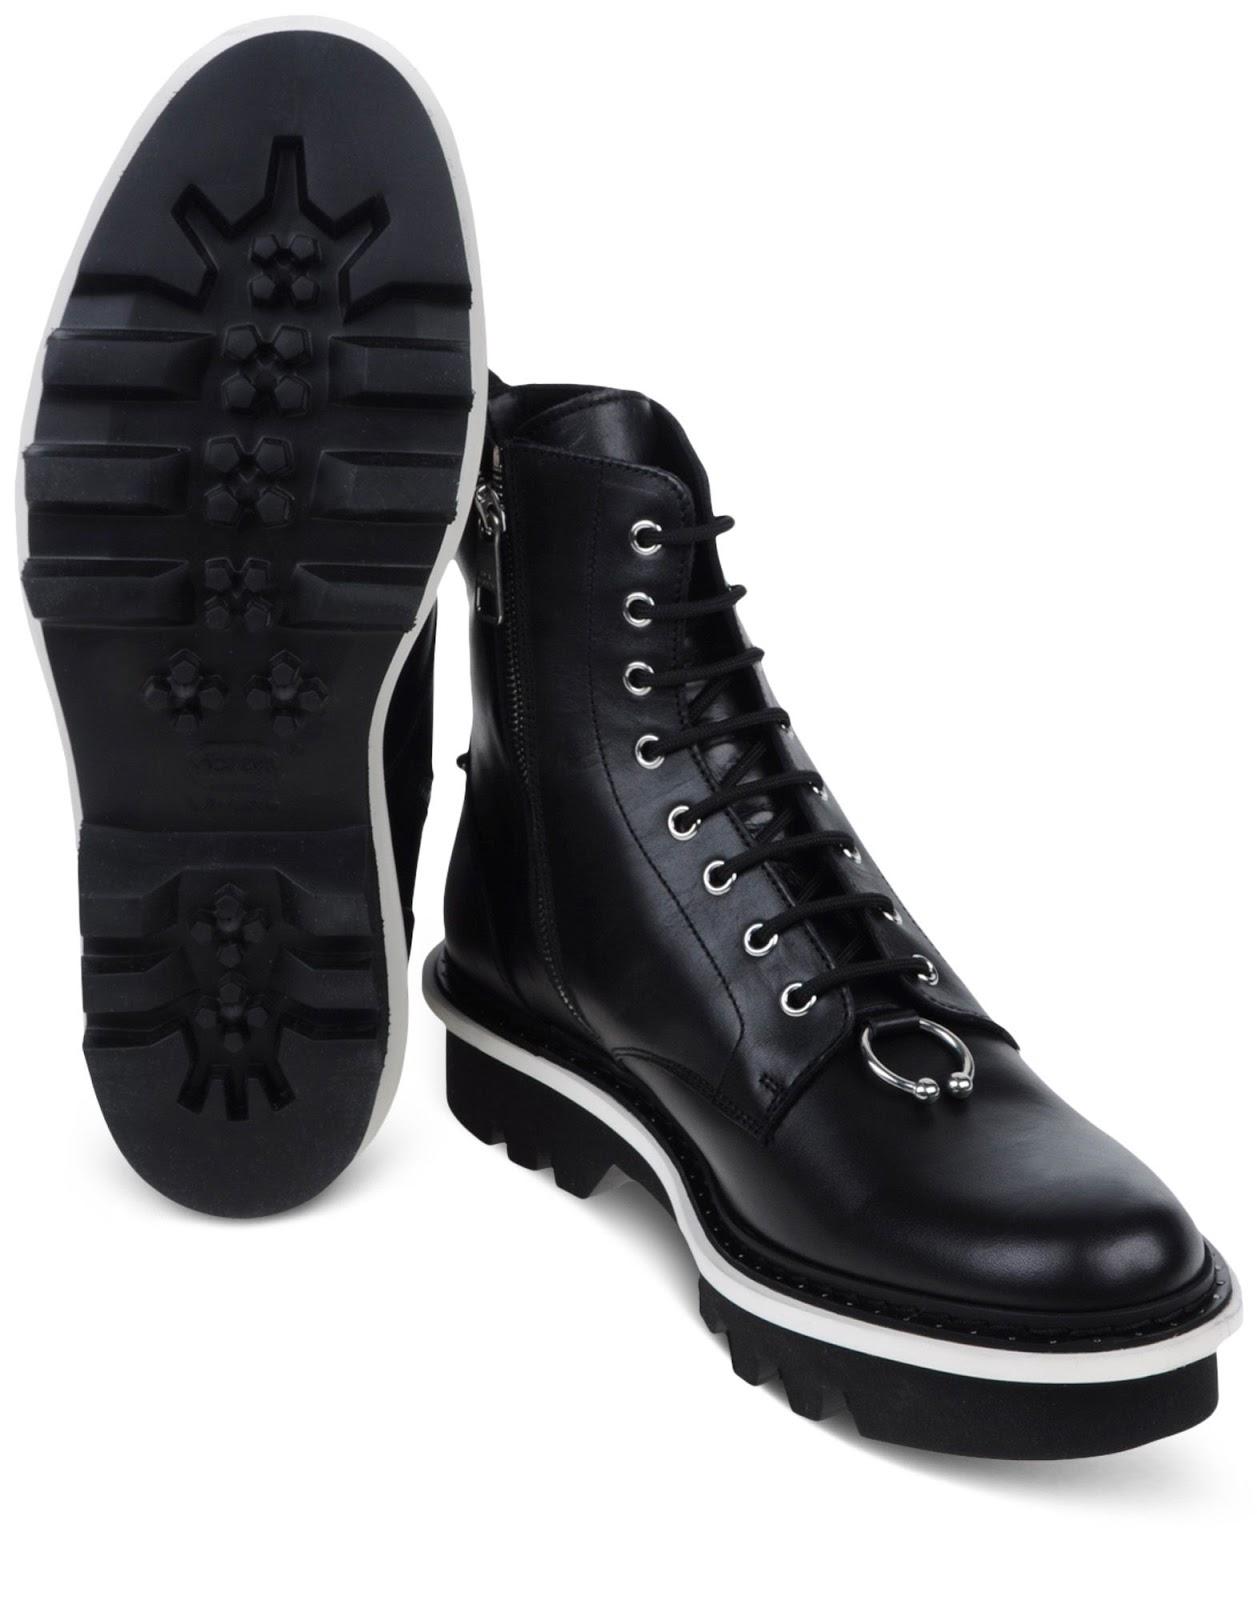 FOOTWEAR - Shoe boots Neil Barrett viAauynx